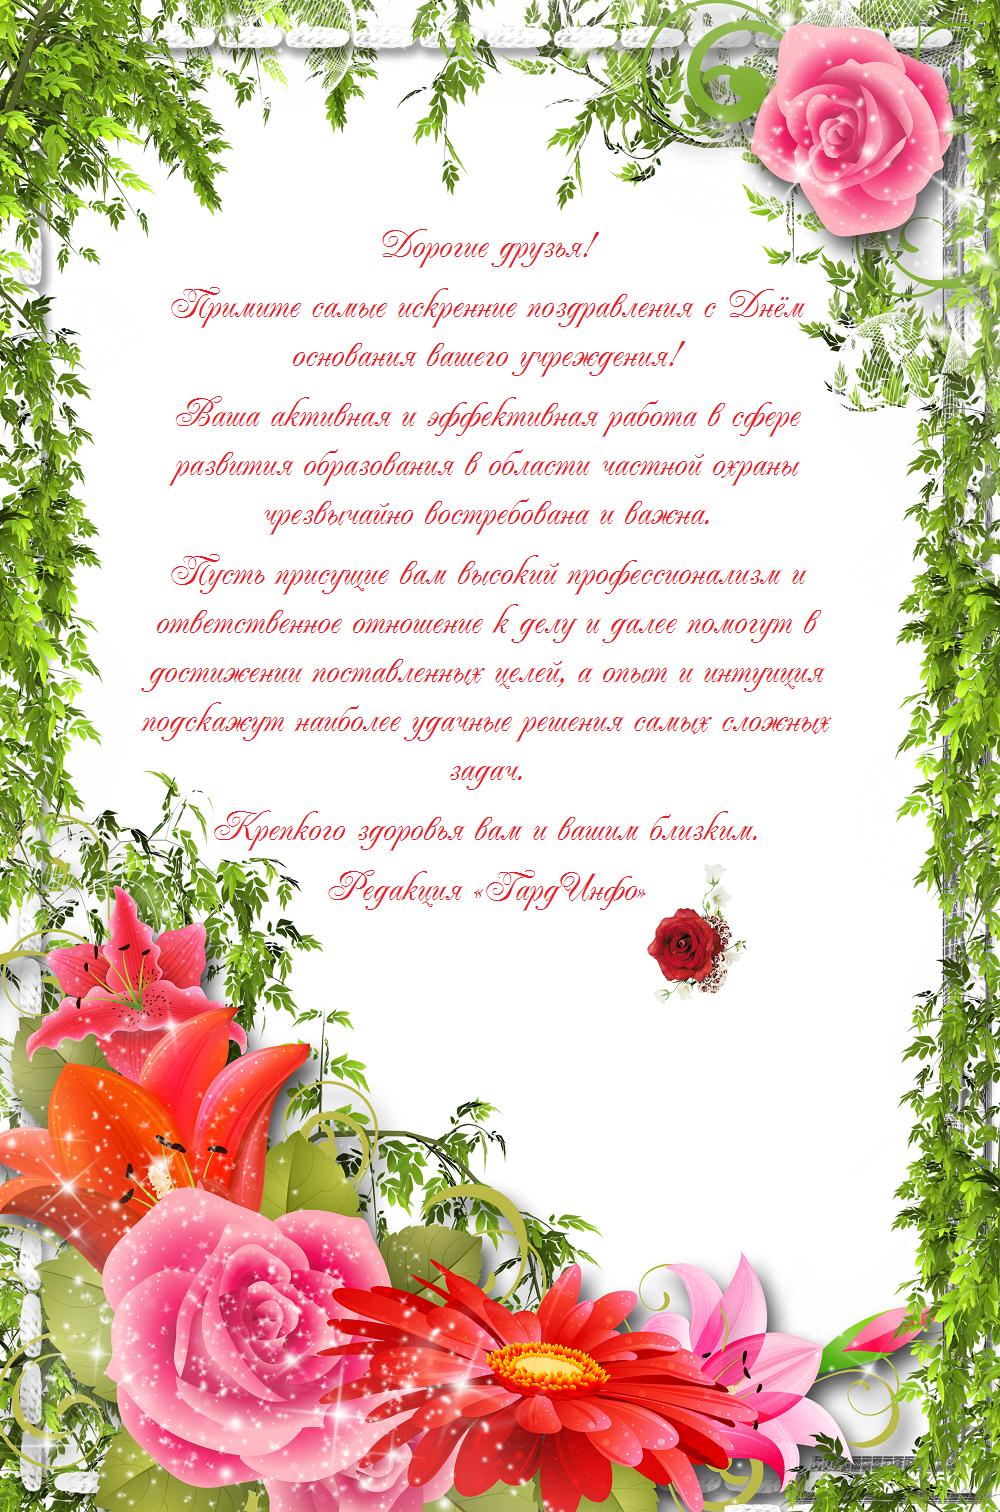 Фон для открытки вертикальный с днем рождения женщине